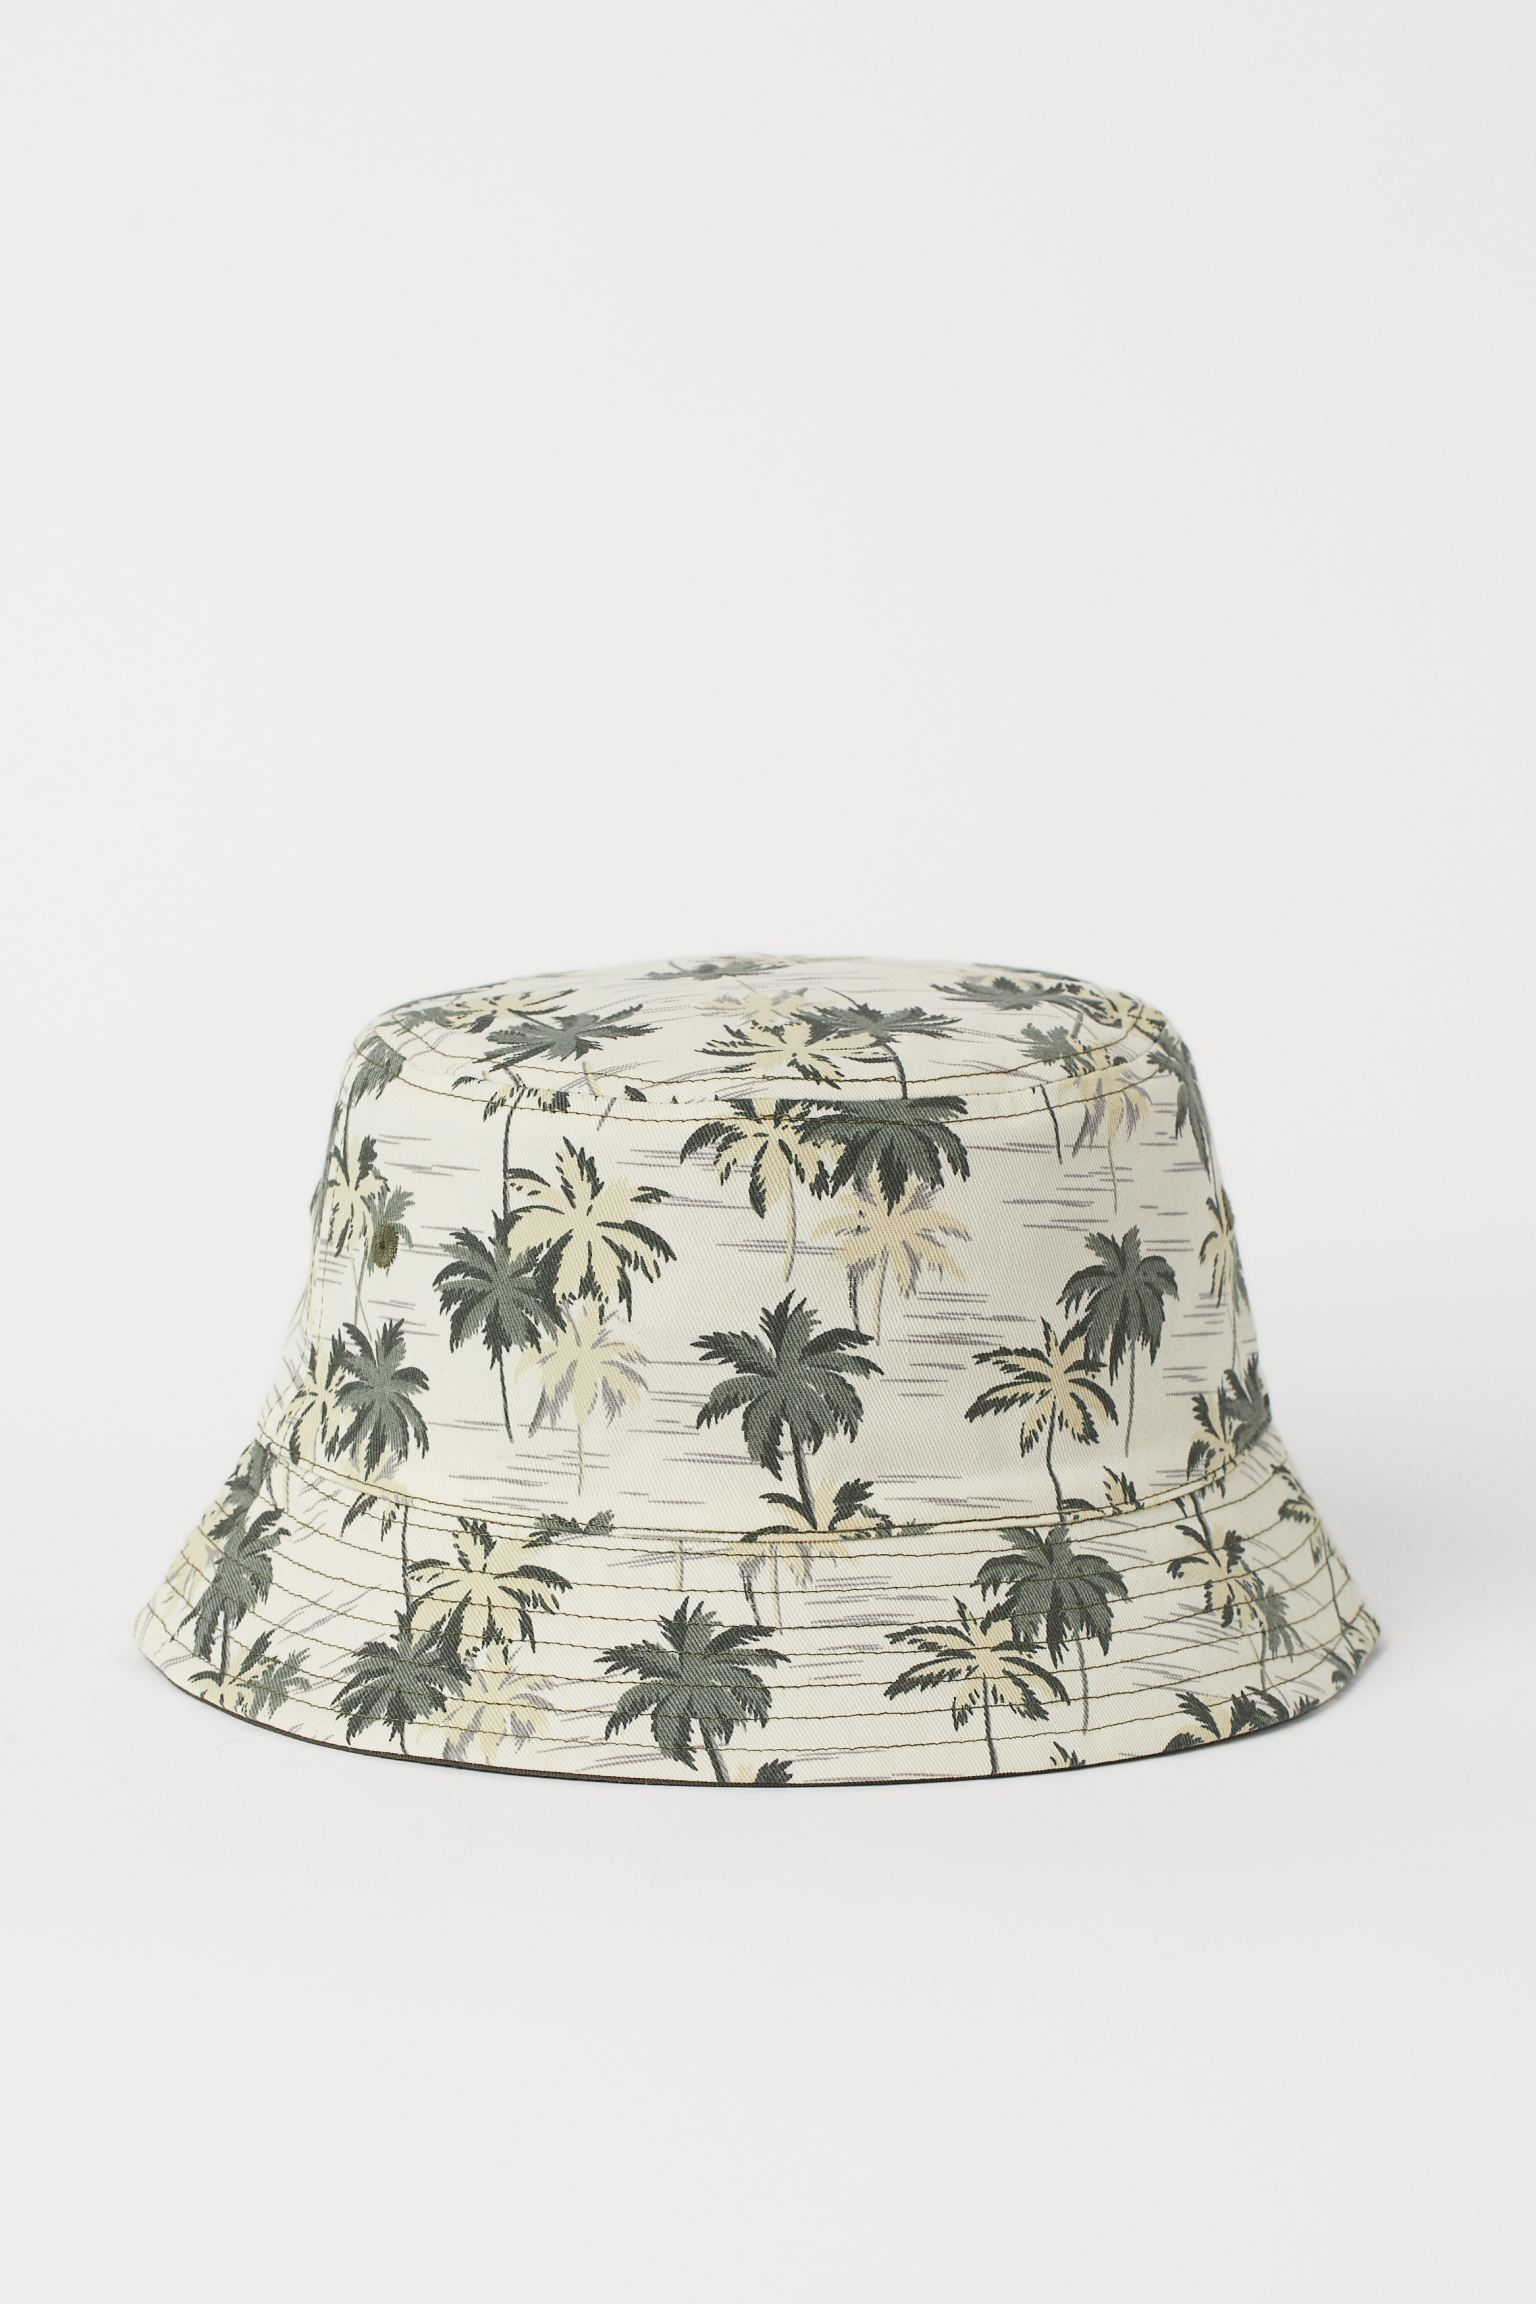 Sombrero reversible en sarga de algodón con un lado estampado y otro liso. Ojales bordados en cada lado.